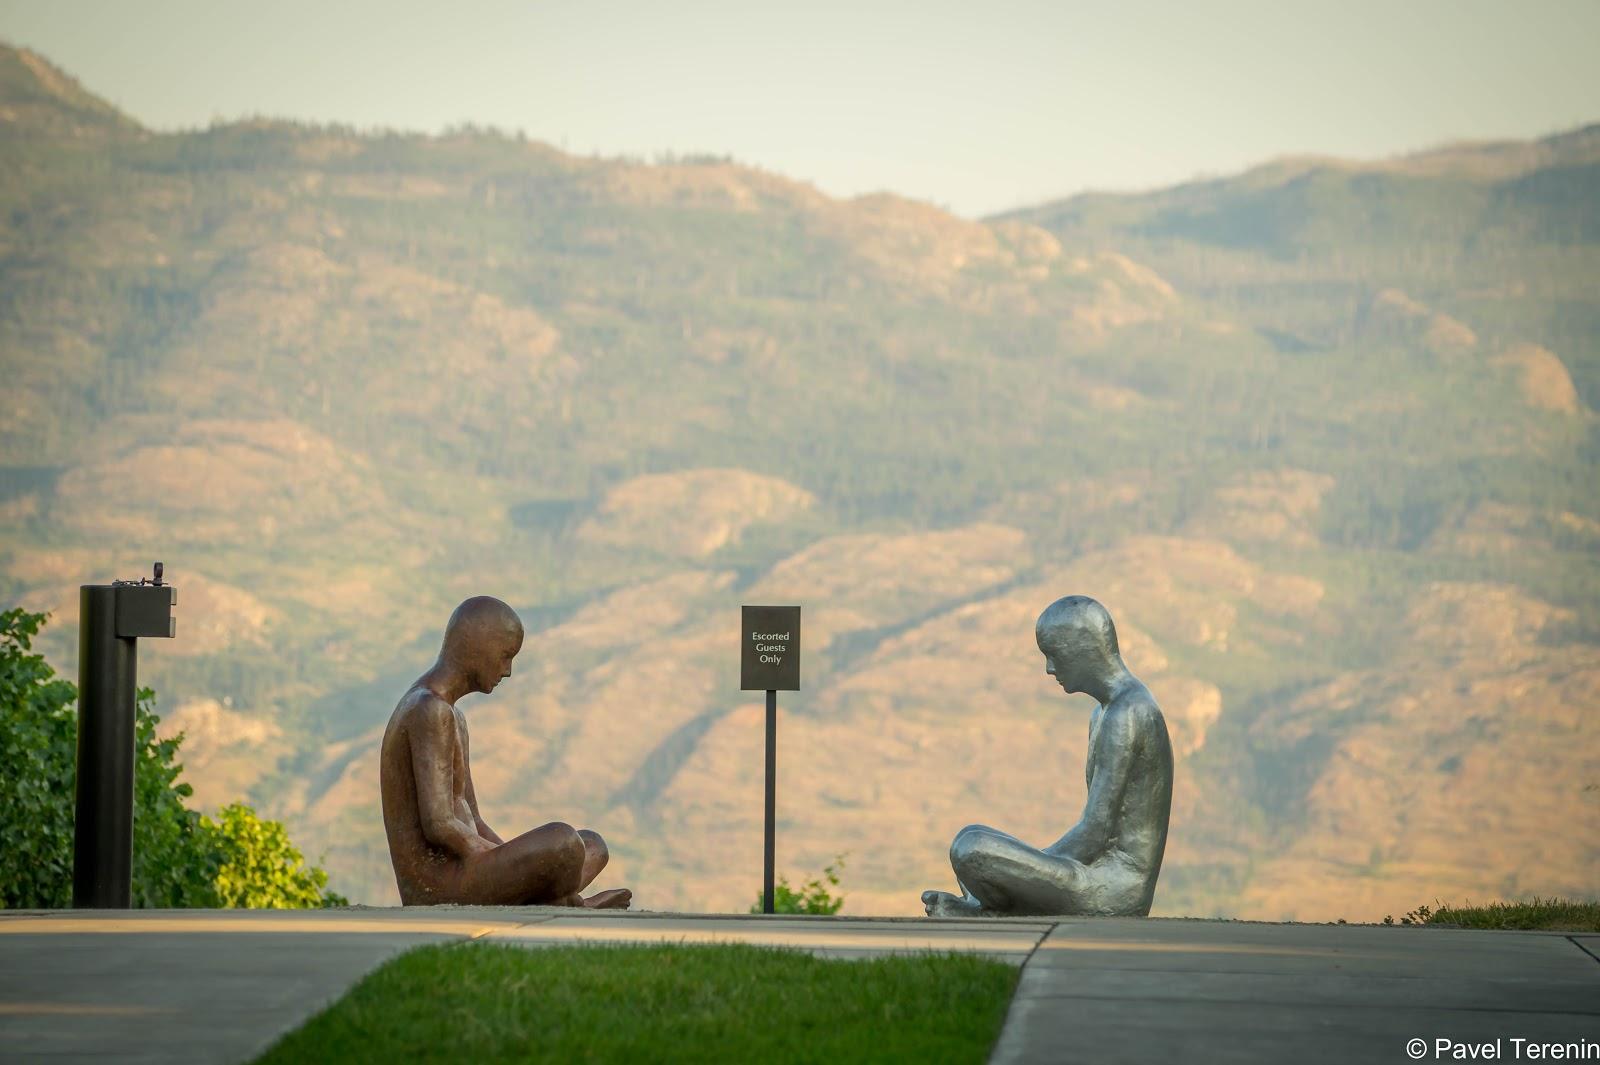 Значение этой скульптуры на выходе осталась для меня загадкой.